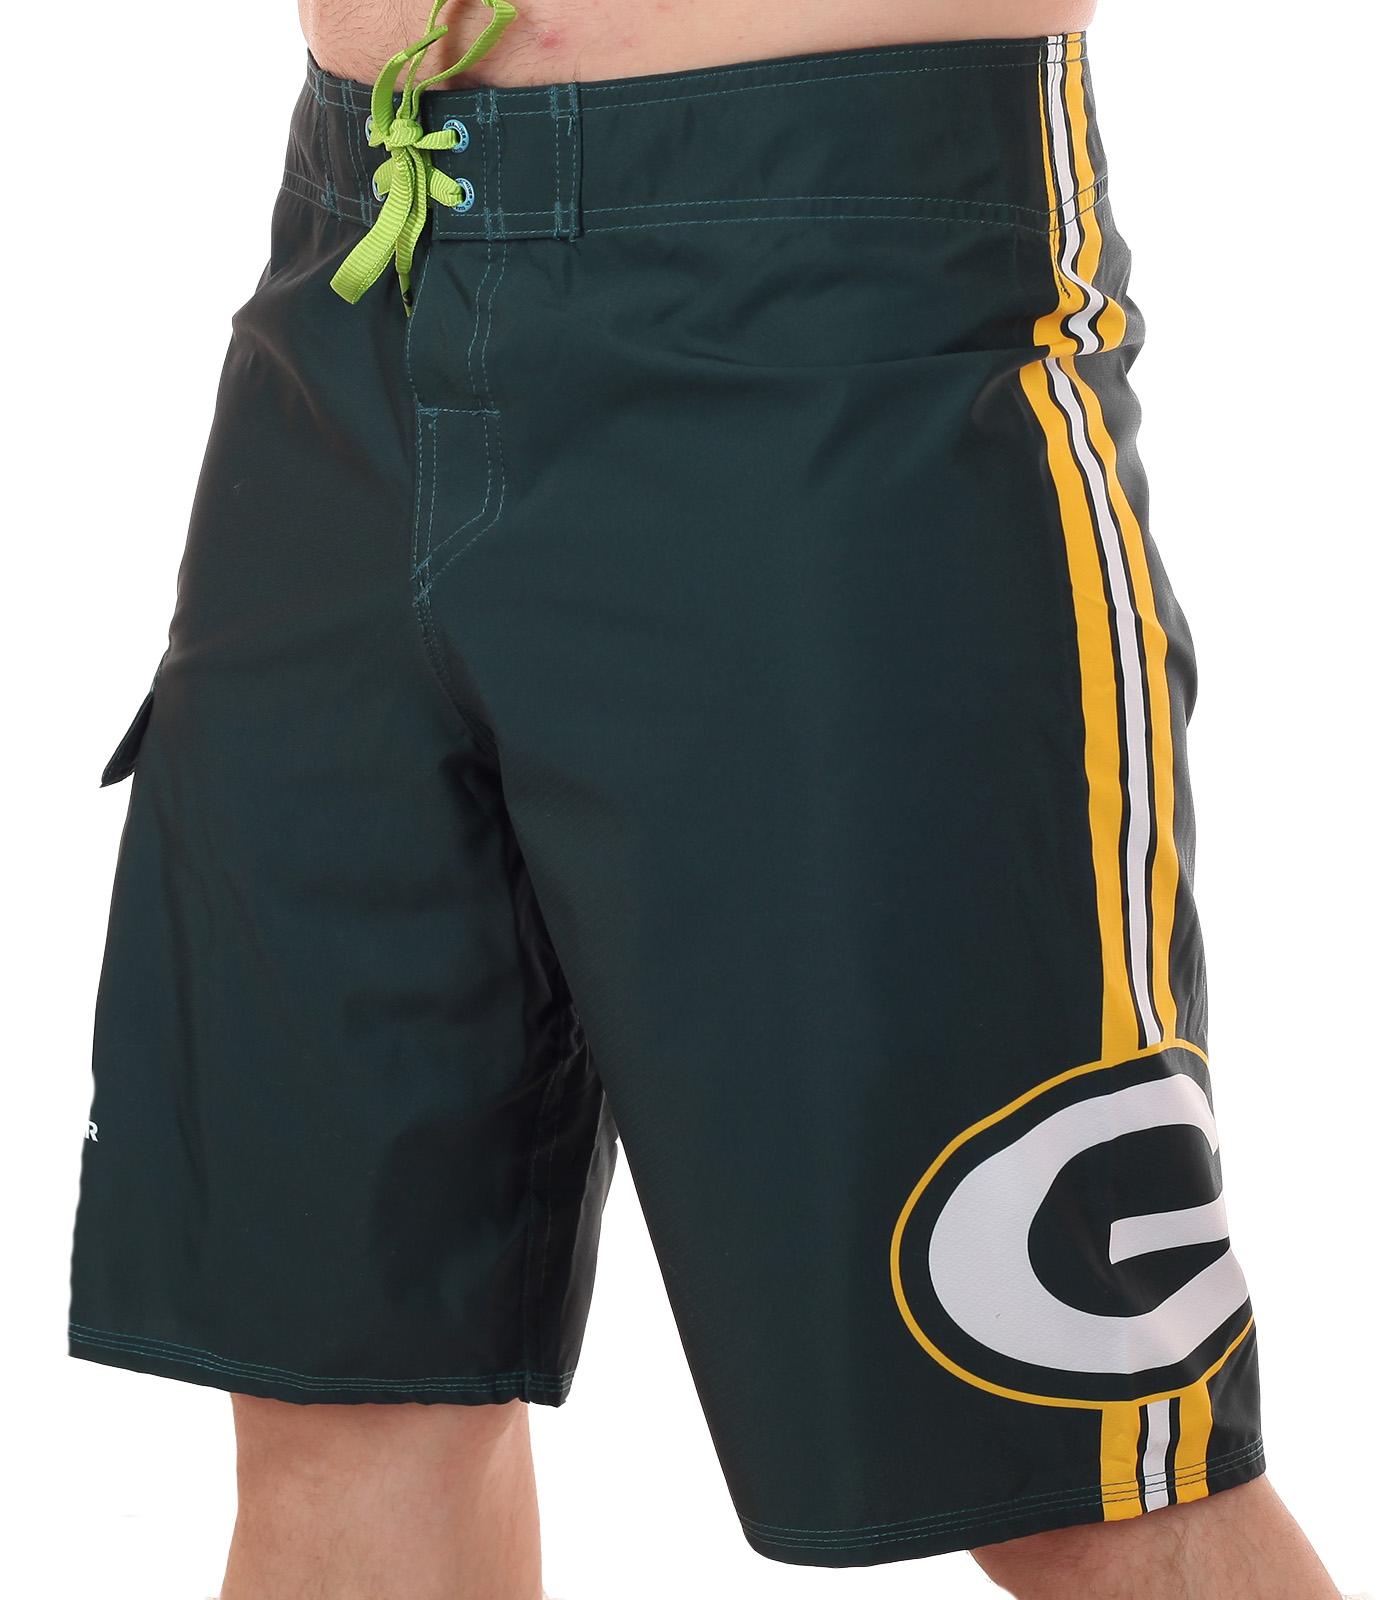 Гидрофобные бордшорты с логотипом футбольного клуба НФЛ Green Bay Packers